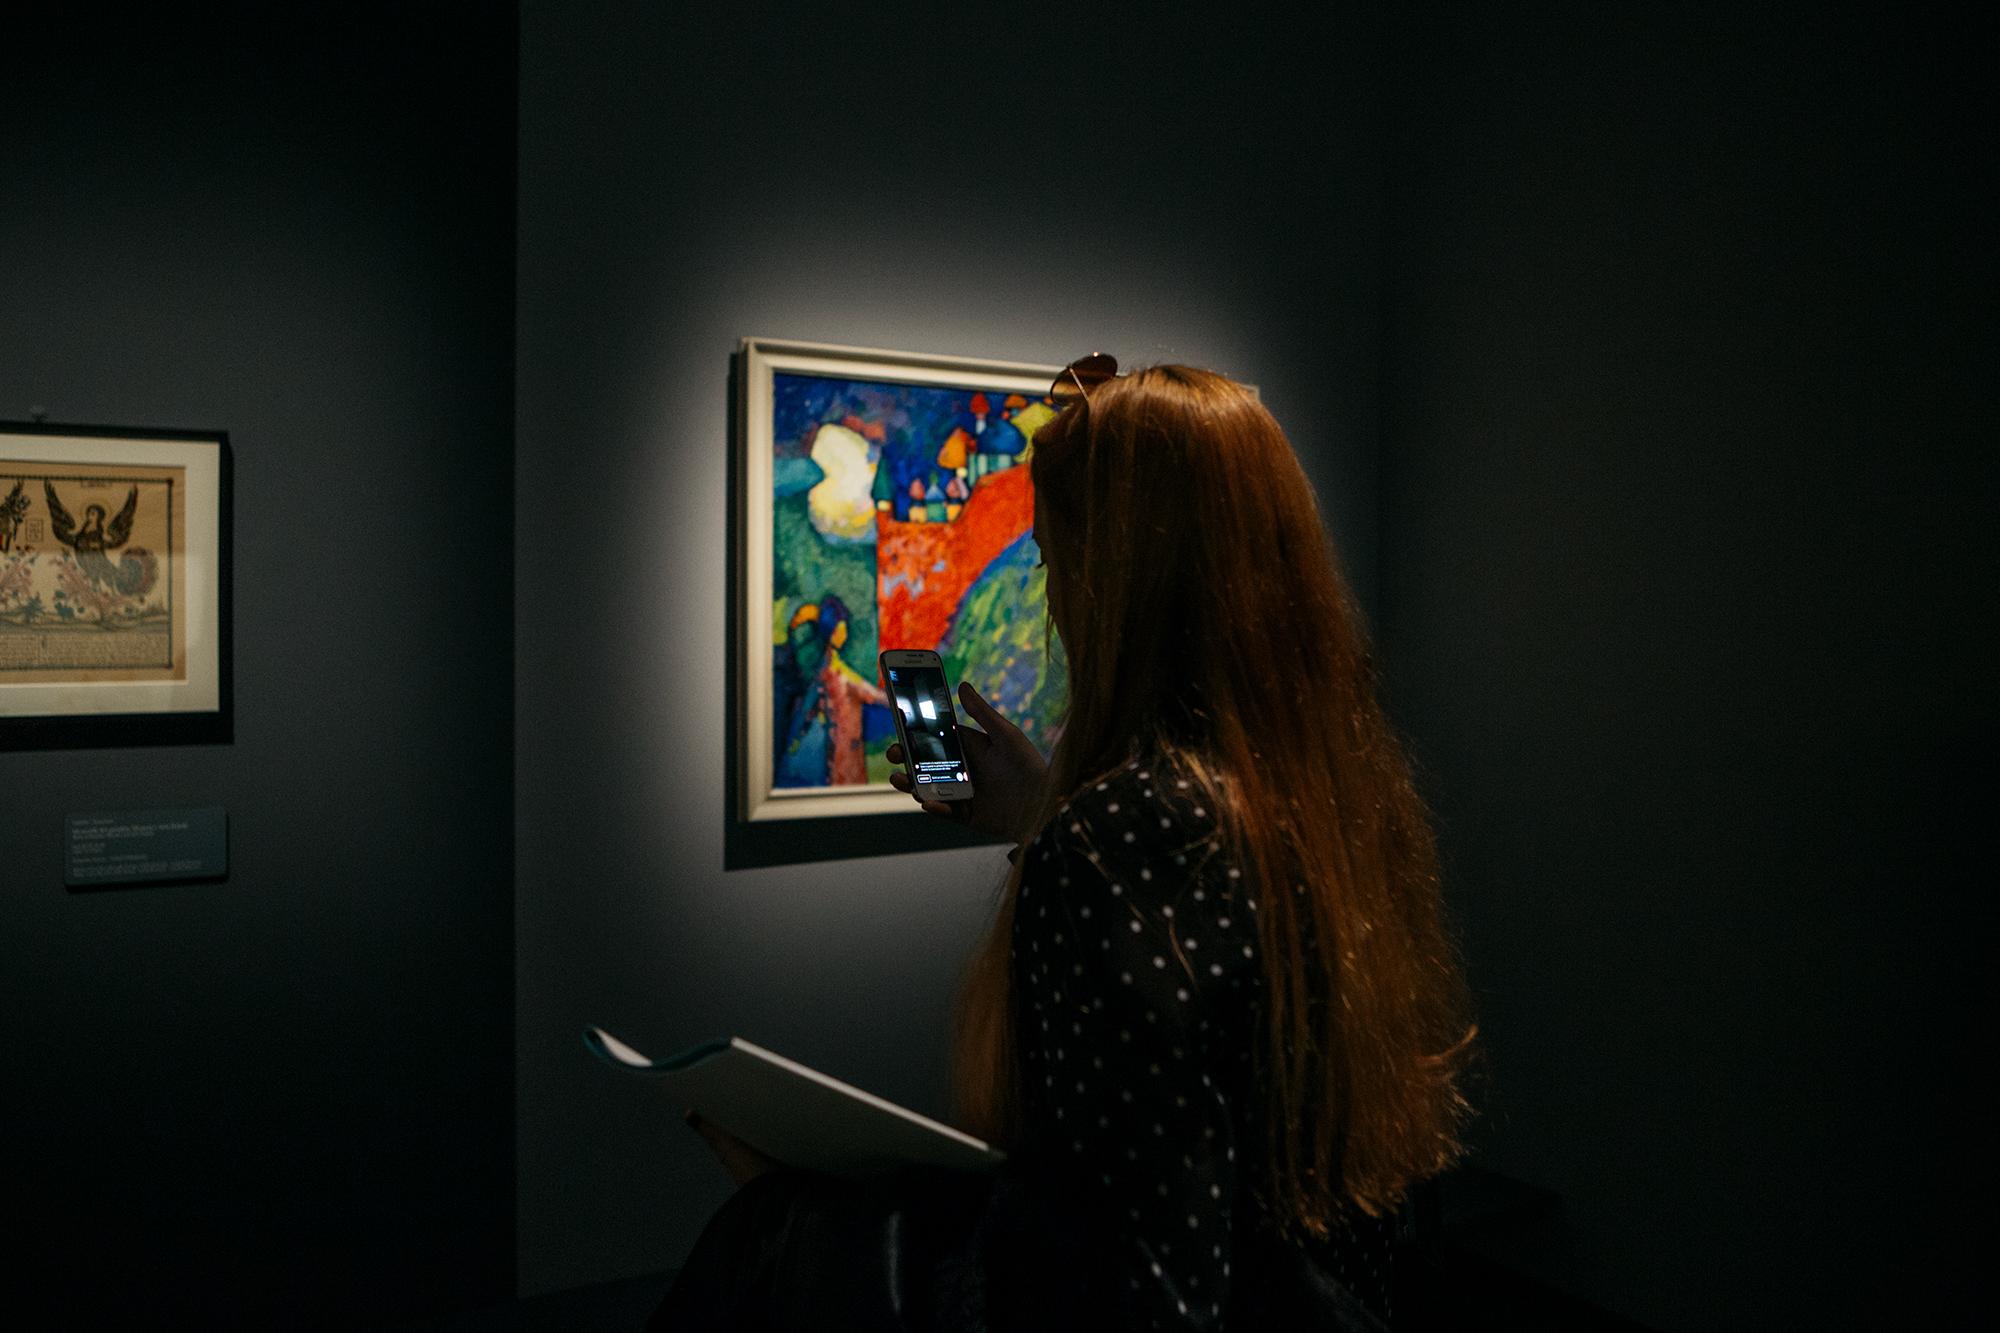 La pittura nella sua mente era strettamente associata alla musica e anche la sintesi tra le arti era per lui molto importante: egli infatti non si limitava alla pittura e alla musica, ma studiò anche design di interni, creava schizzi di pittura su porcellana, abbozzava abiti e mobili, si interessava di fotografia e cinema